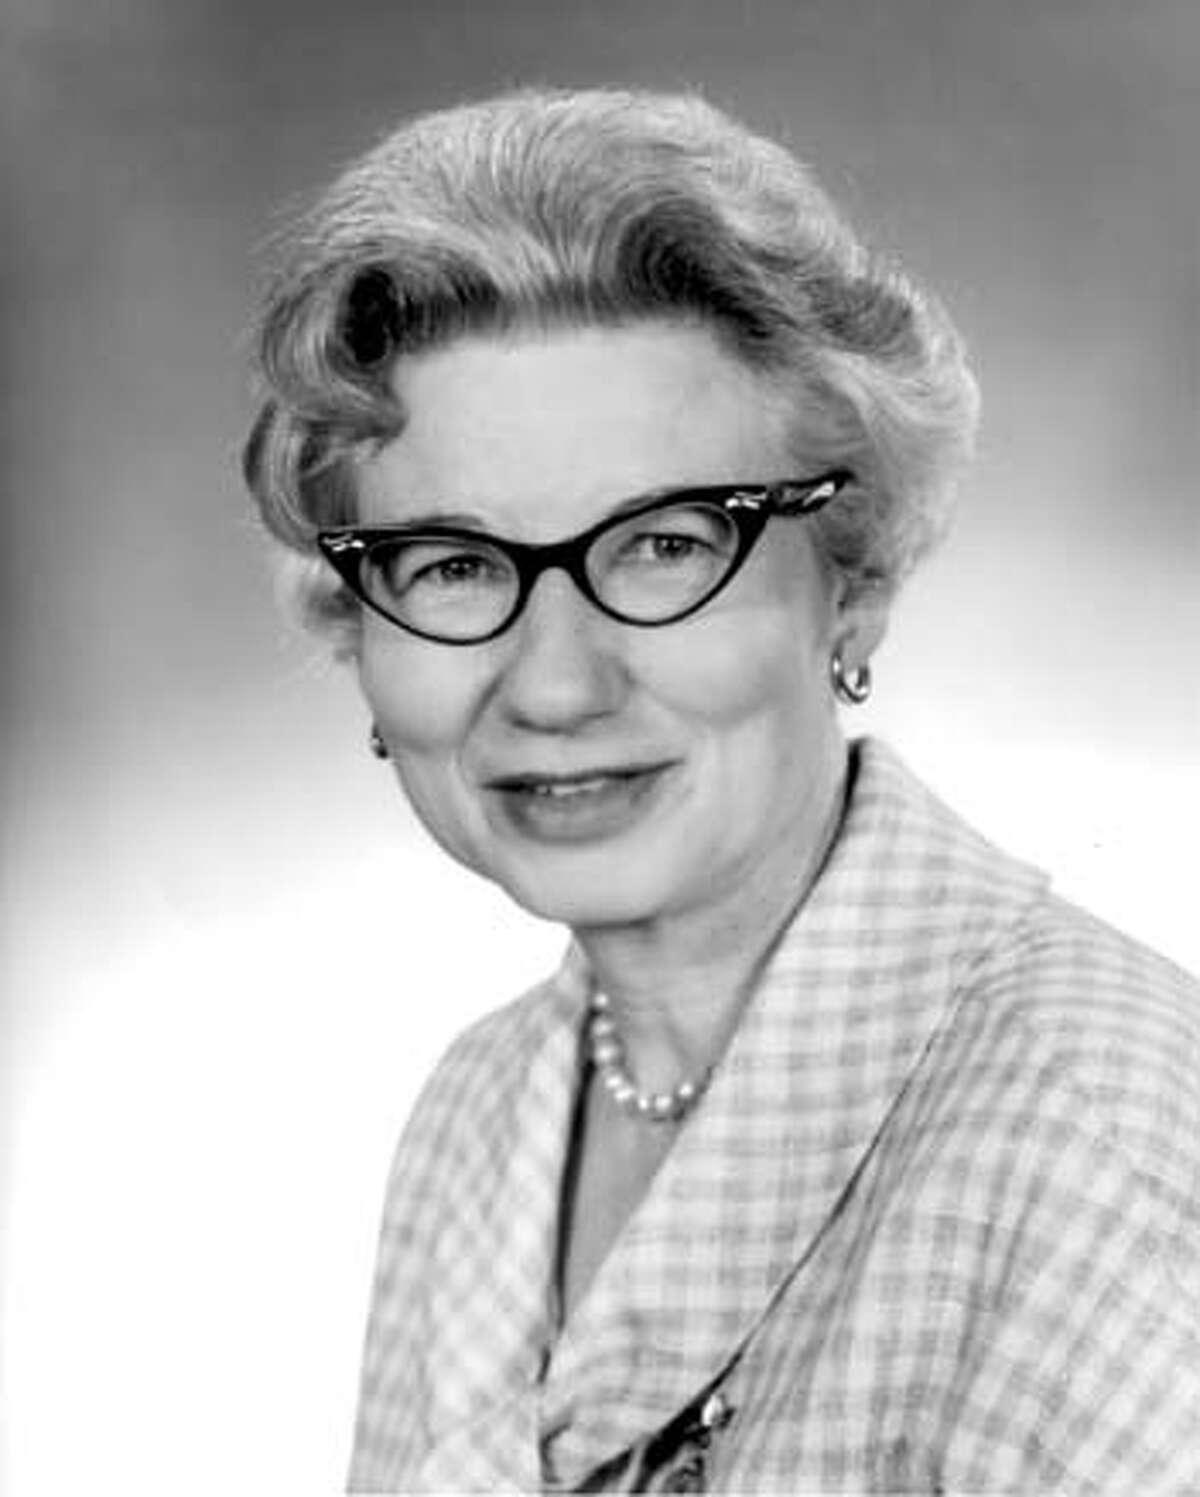 Obituary photo of Mary Kelly to run Friday or Saturday.